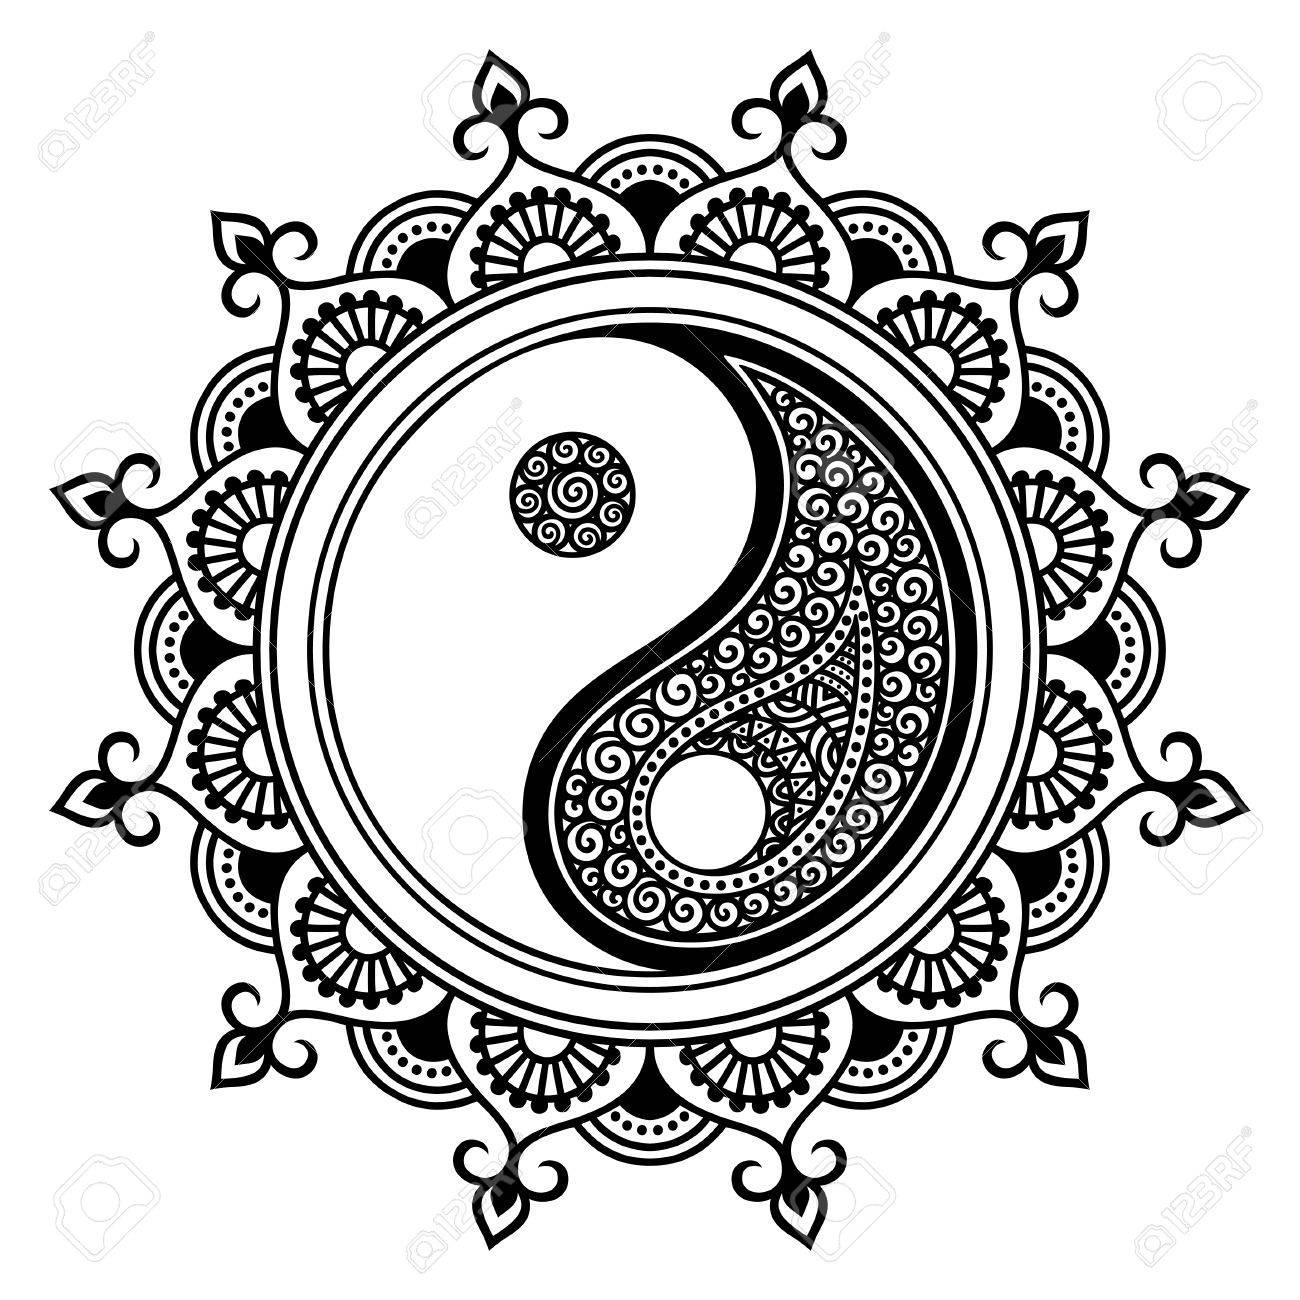 Un Modelo Circular En Forma De Un Mandala Yin Yang Símbolo